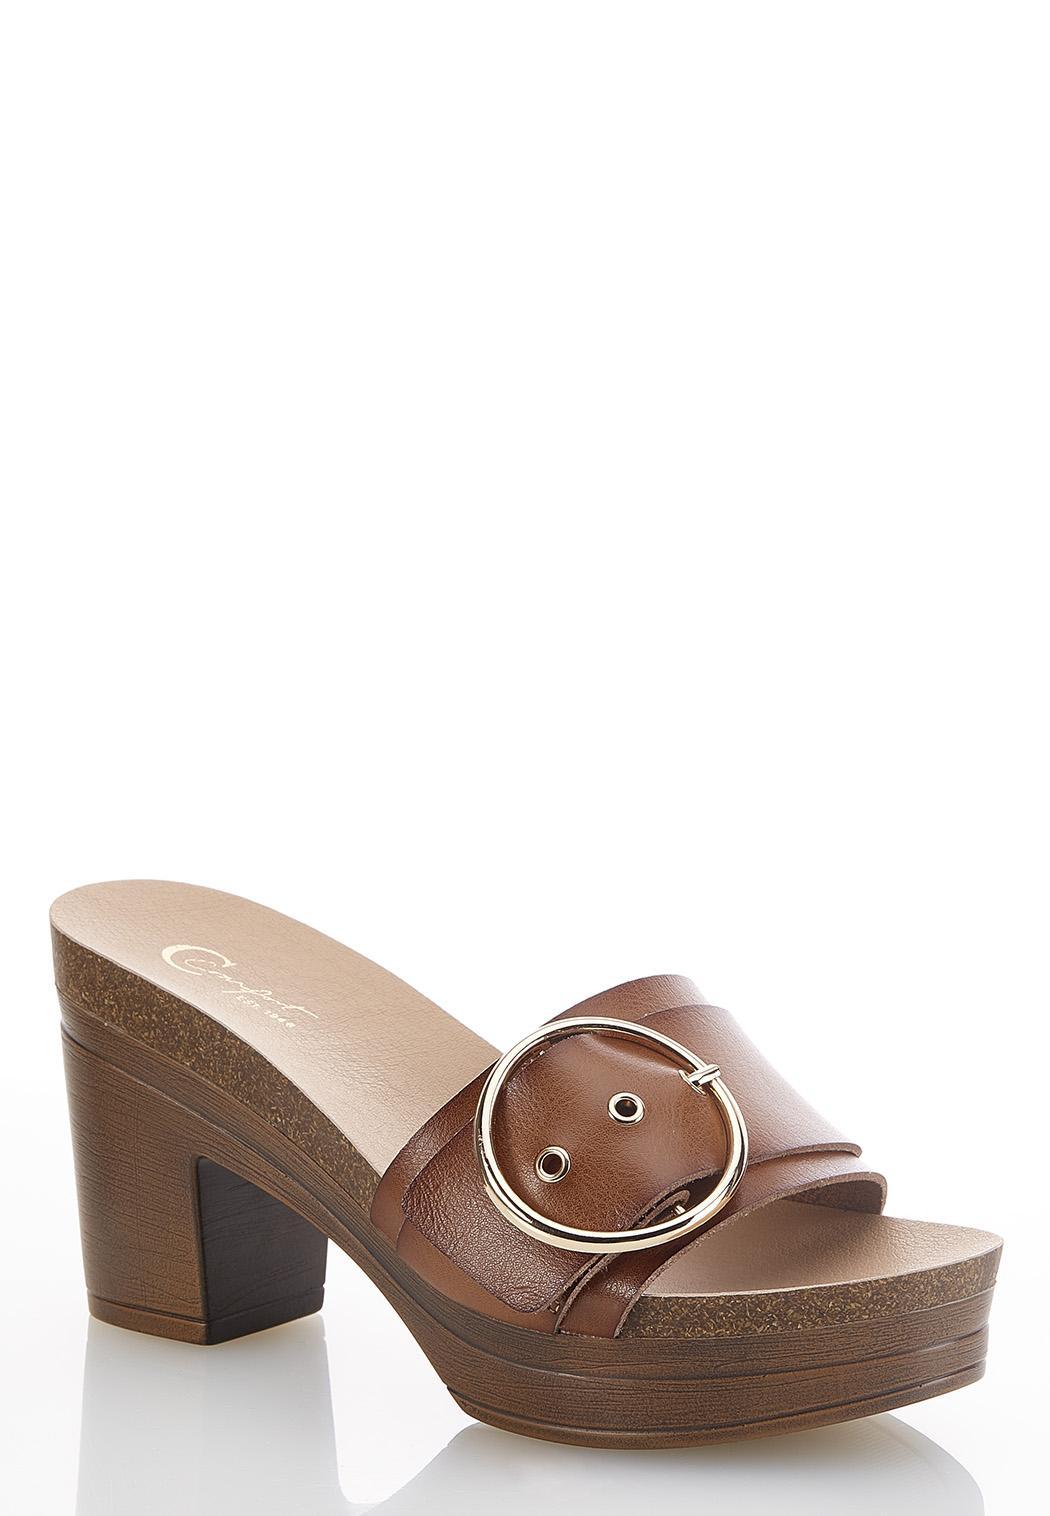 Buckle Band Platform Sandals